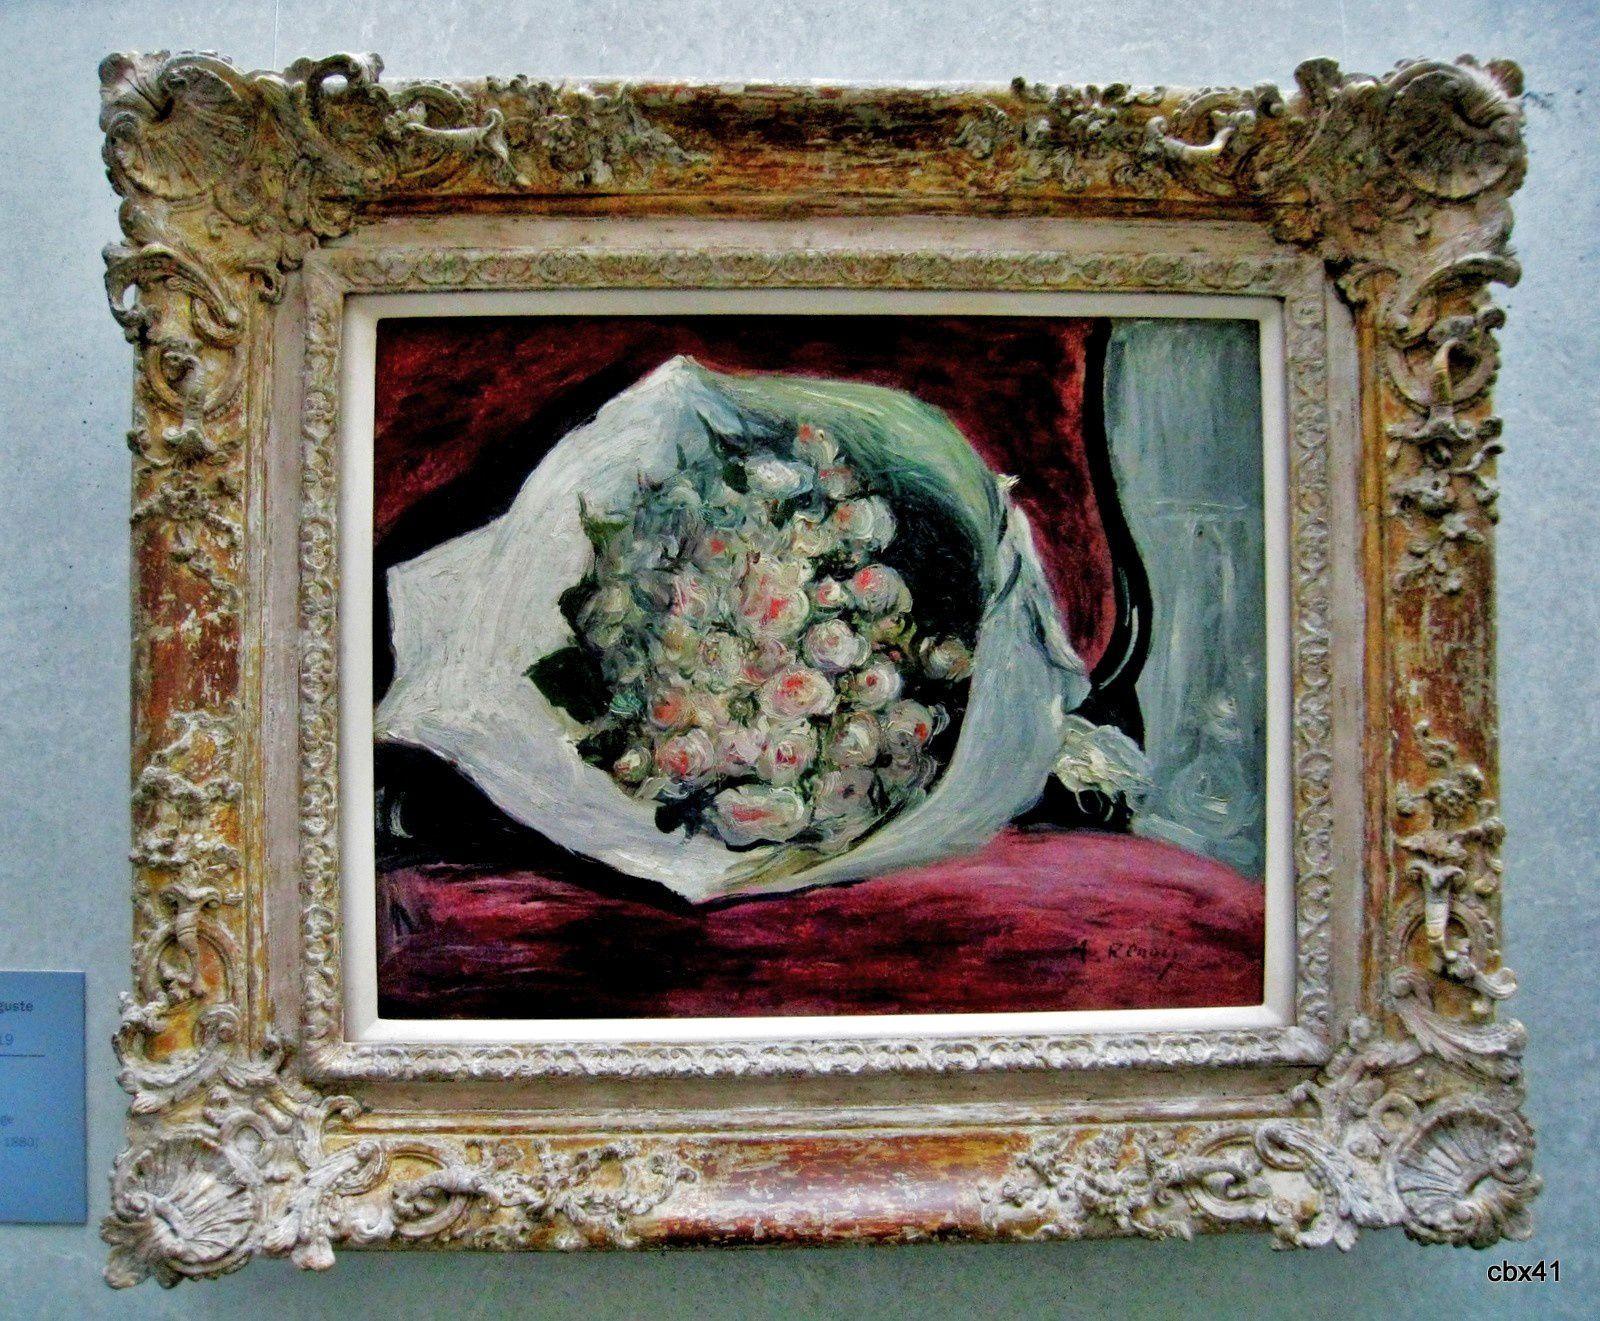 Pierre-Auguste Renoir, Bouquet dans une loge